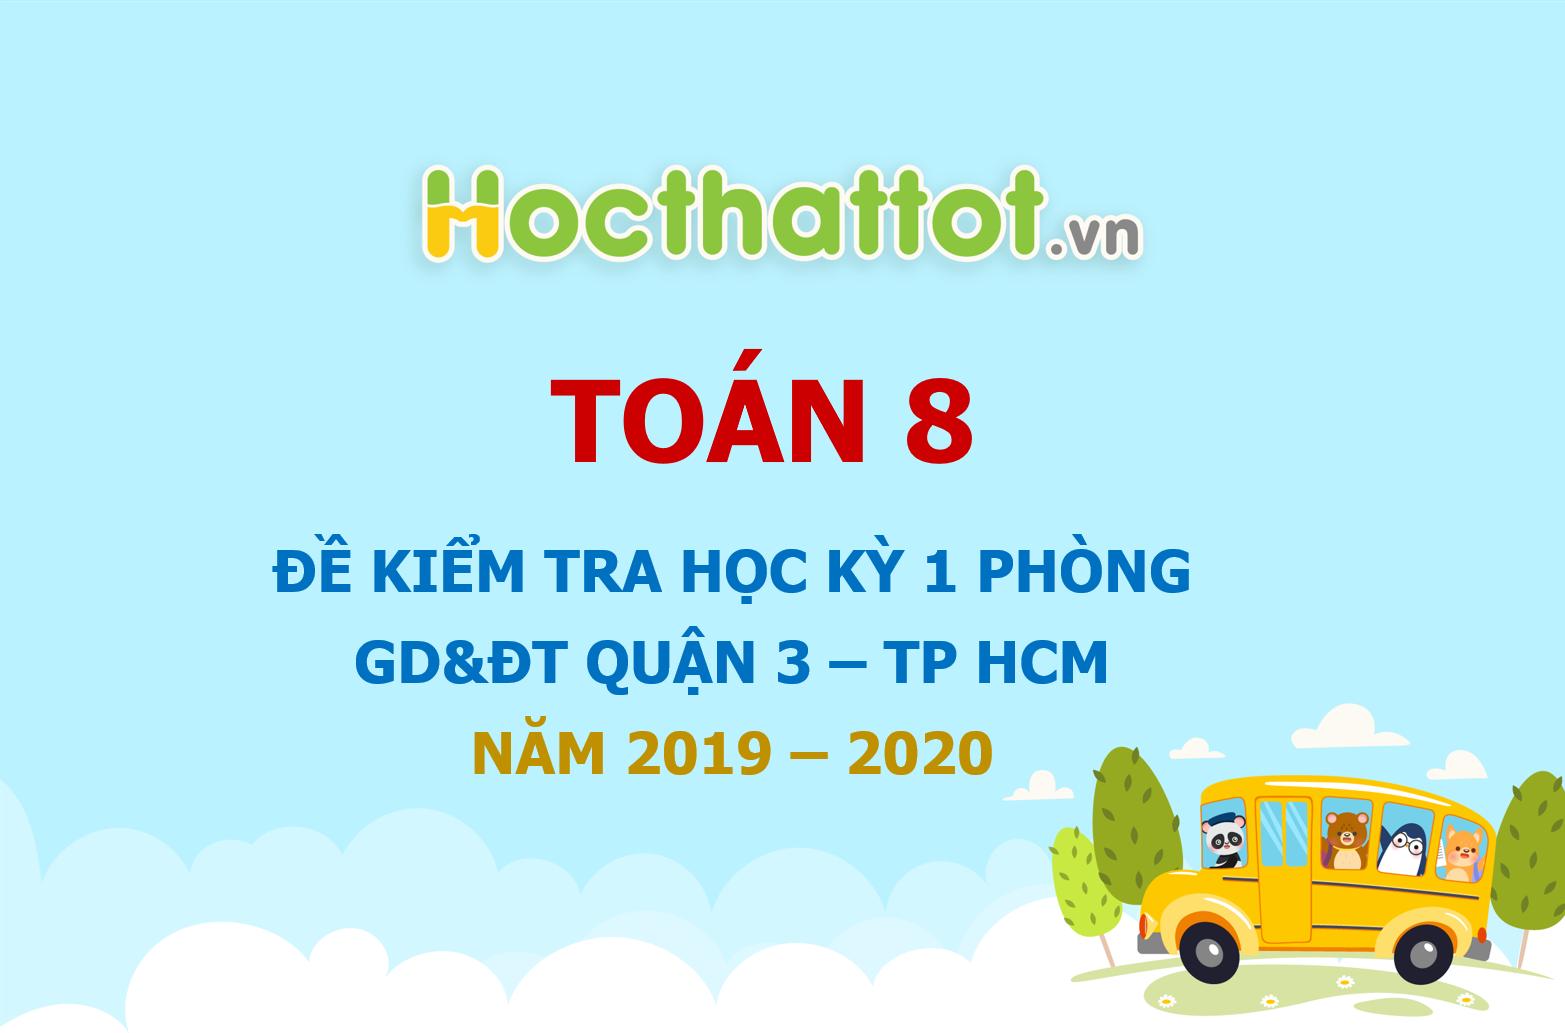 de-kiem-tra-hoc-ky-1-toan-8-nam-2019-2020-phong-gddt-quan-3-tp-hcm